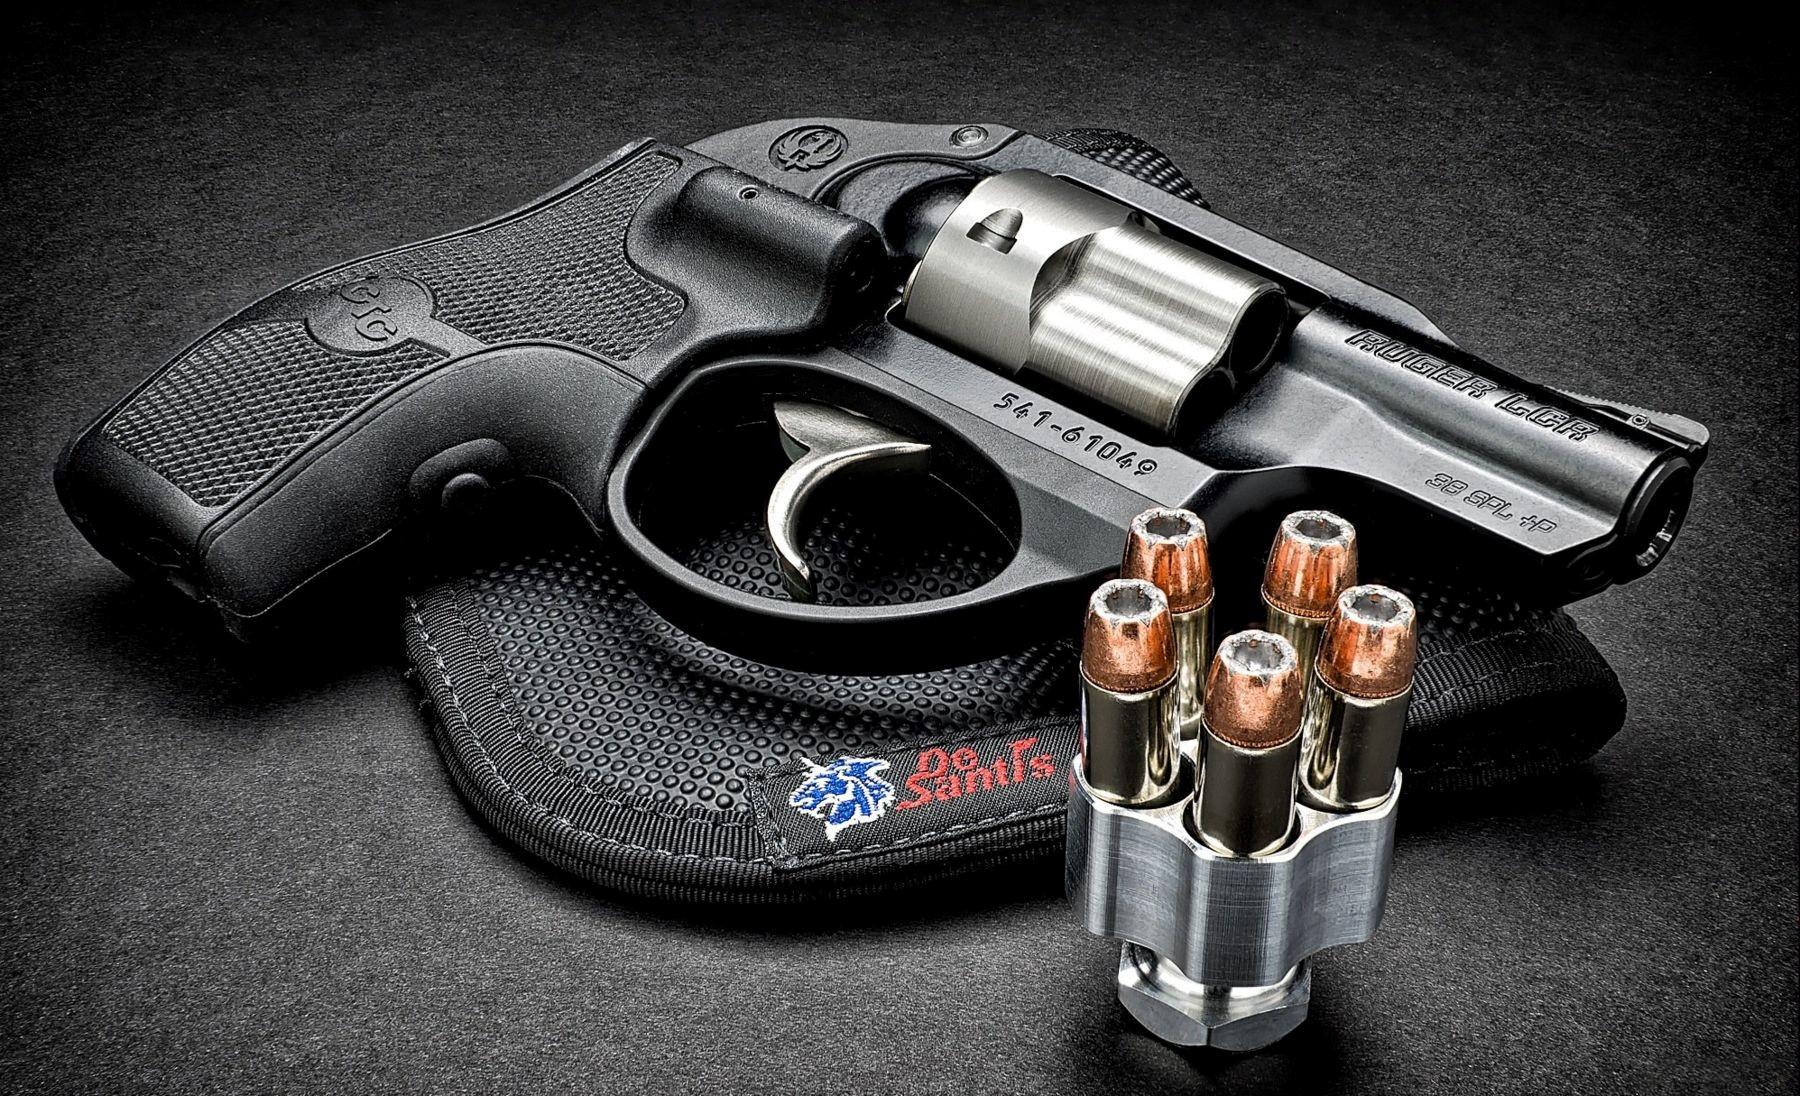 Ruger_LCR_Small_Gun_HD_Desktop_Photos.jpg